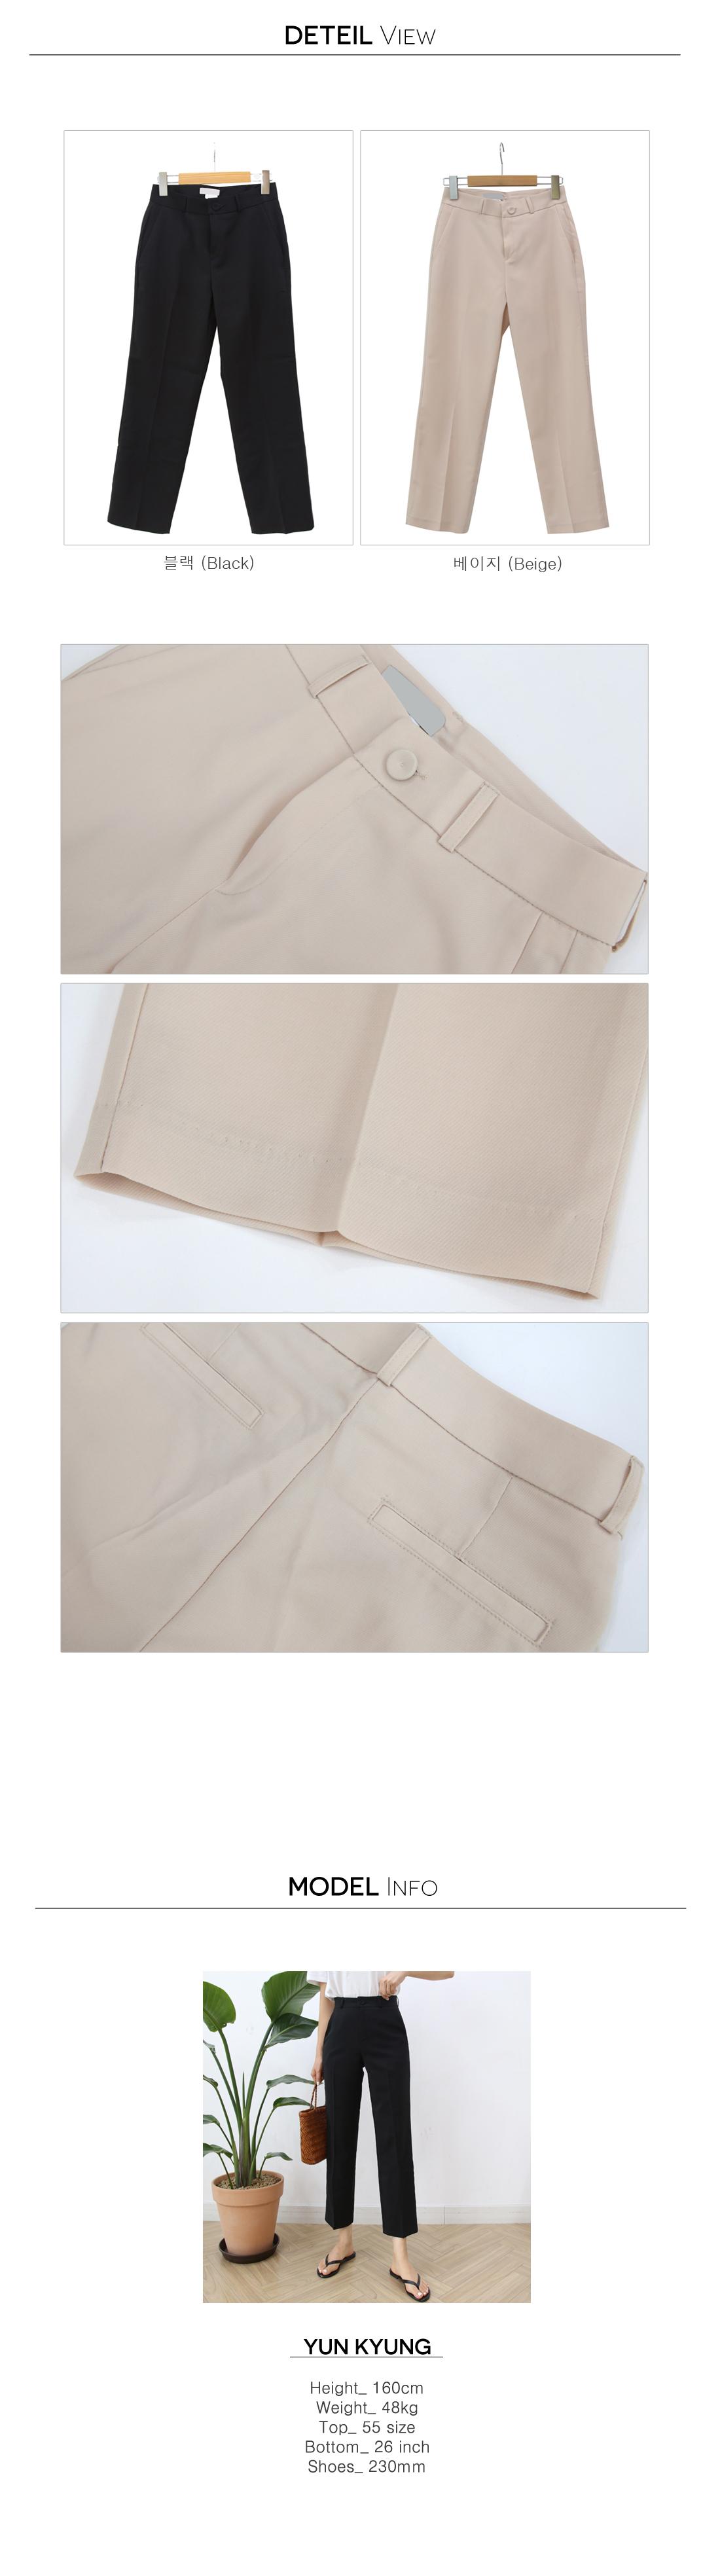 Carry wrap button date slacks